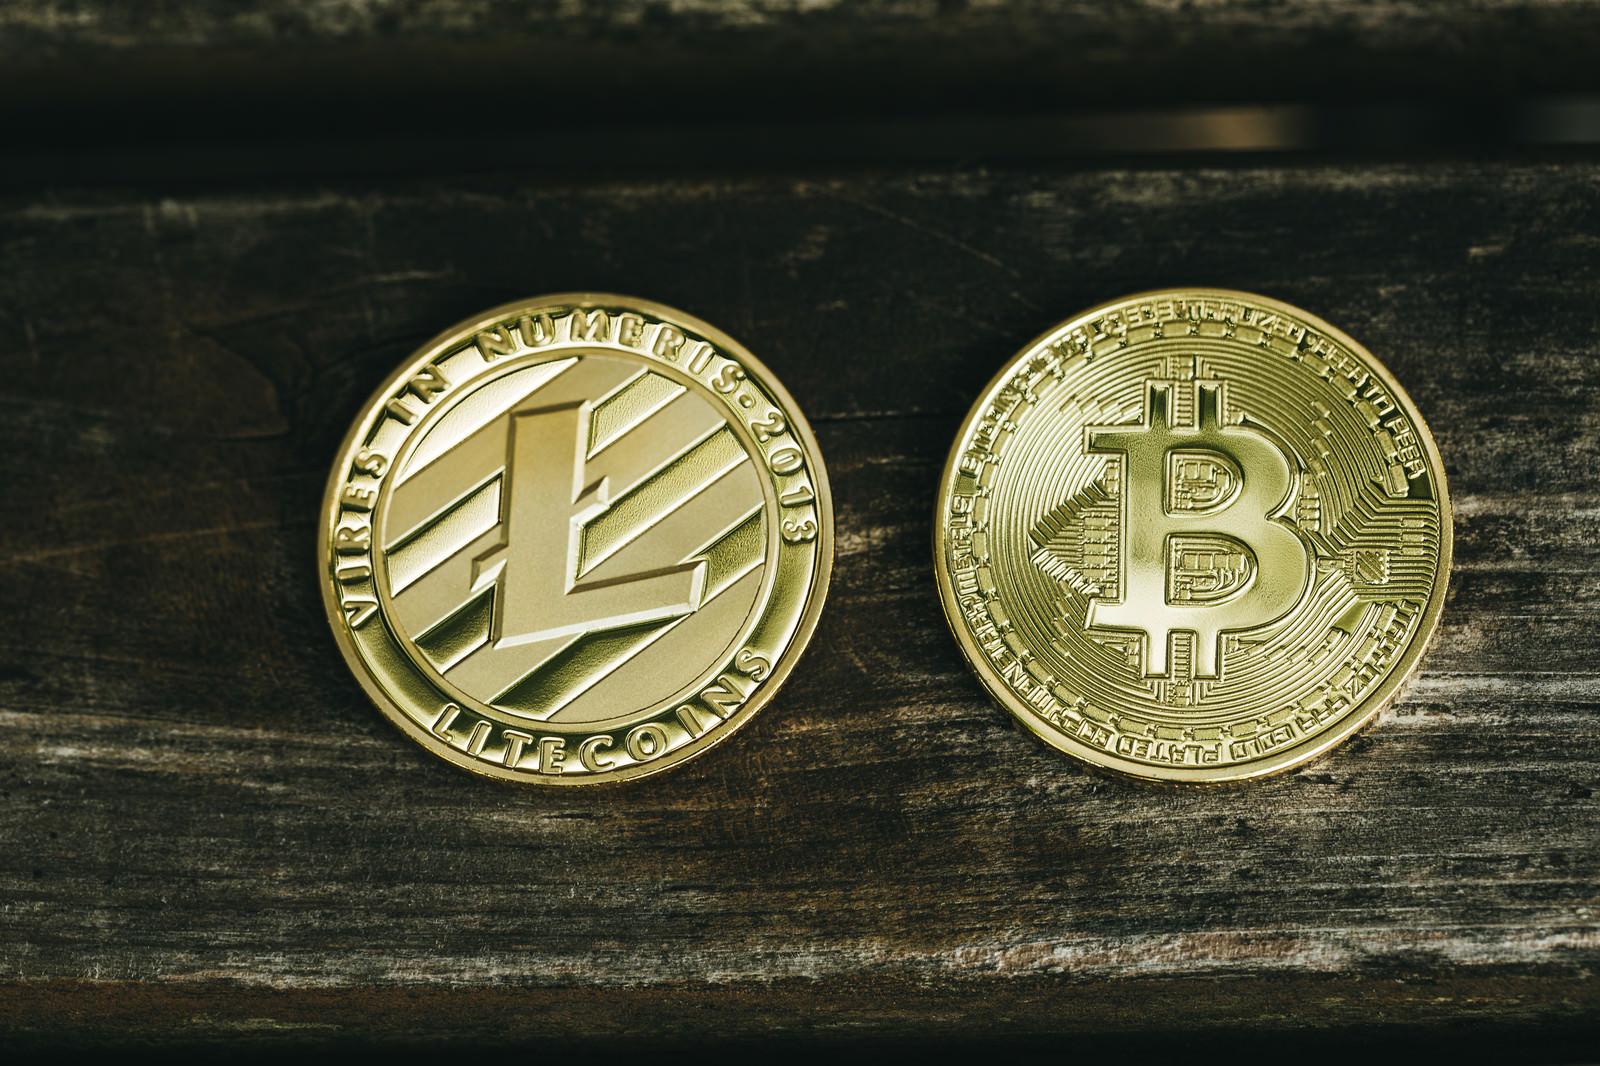 「卓上のライトコインとビットコイン(仮想通貨)」の写真